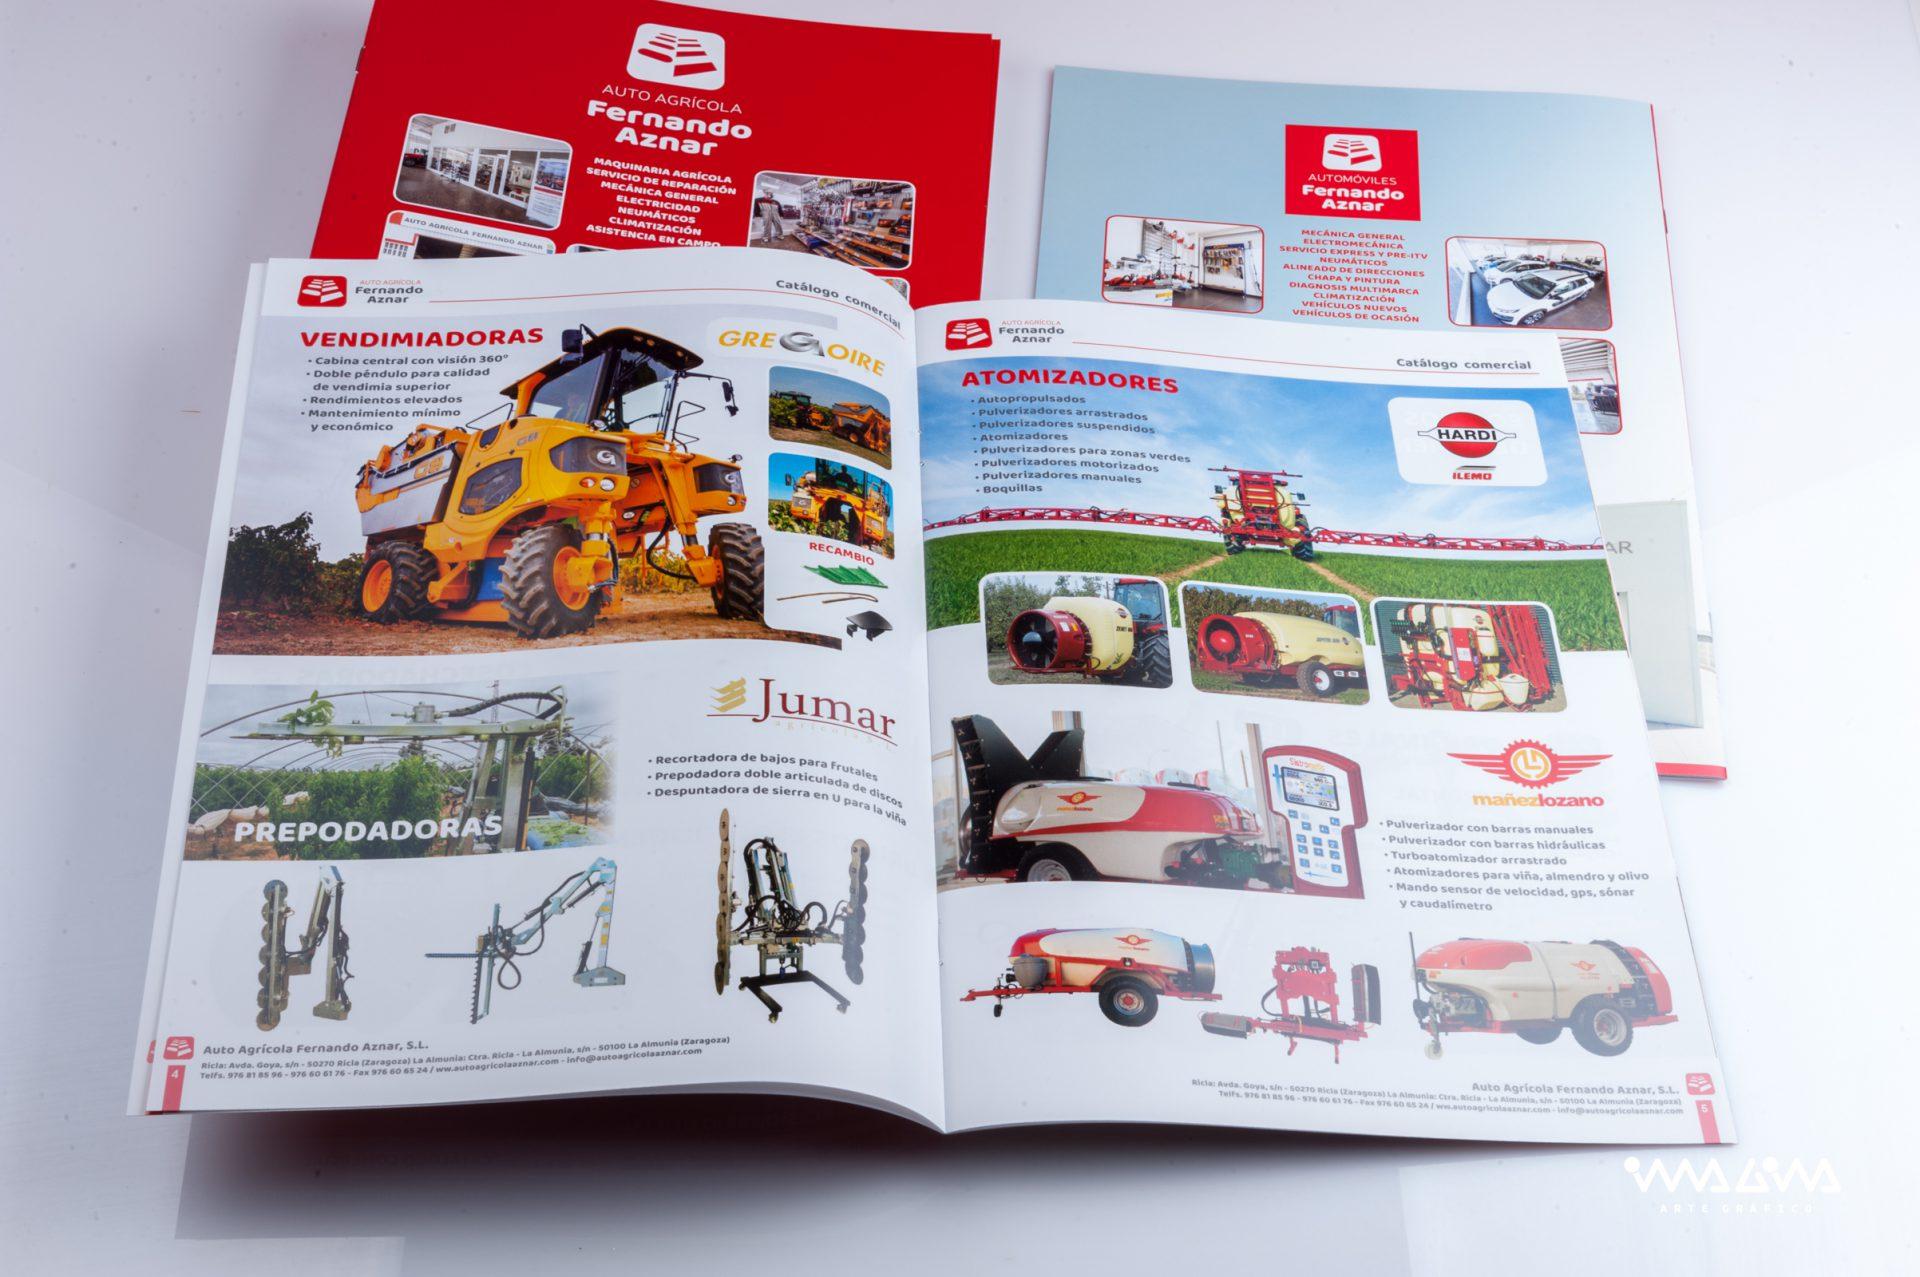 Catálogos publicitarios - Auto agrícola Fernando Aznar - Diseño e impresión Imagina Arte Gráfico